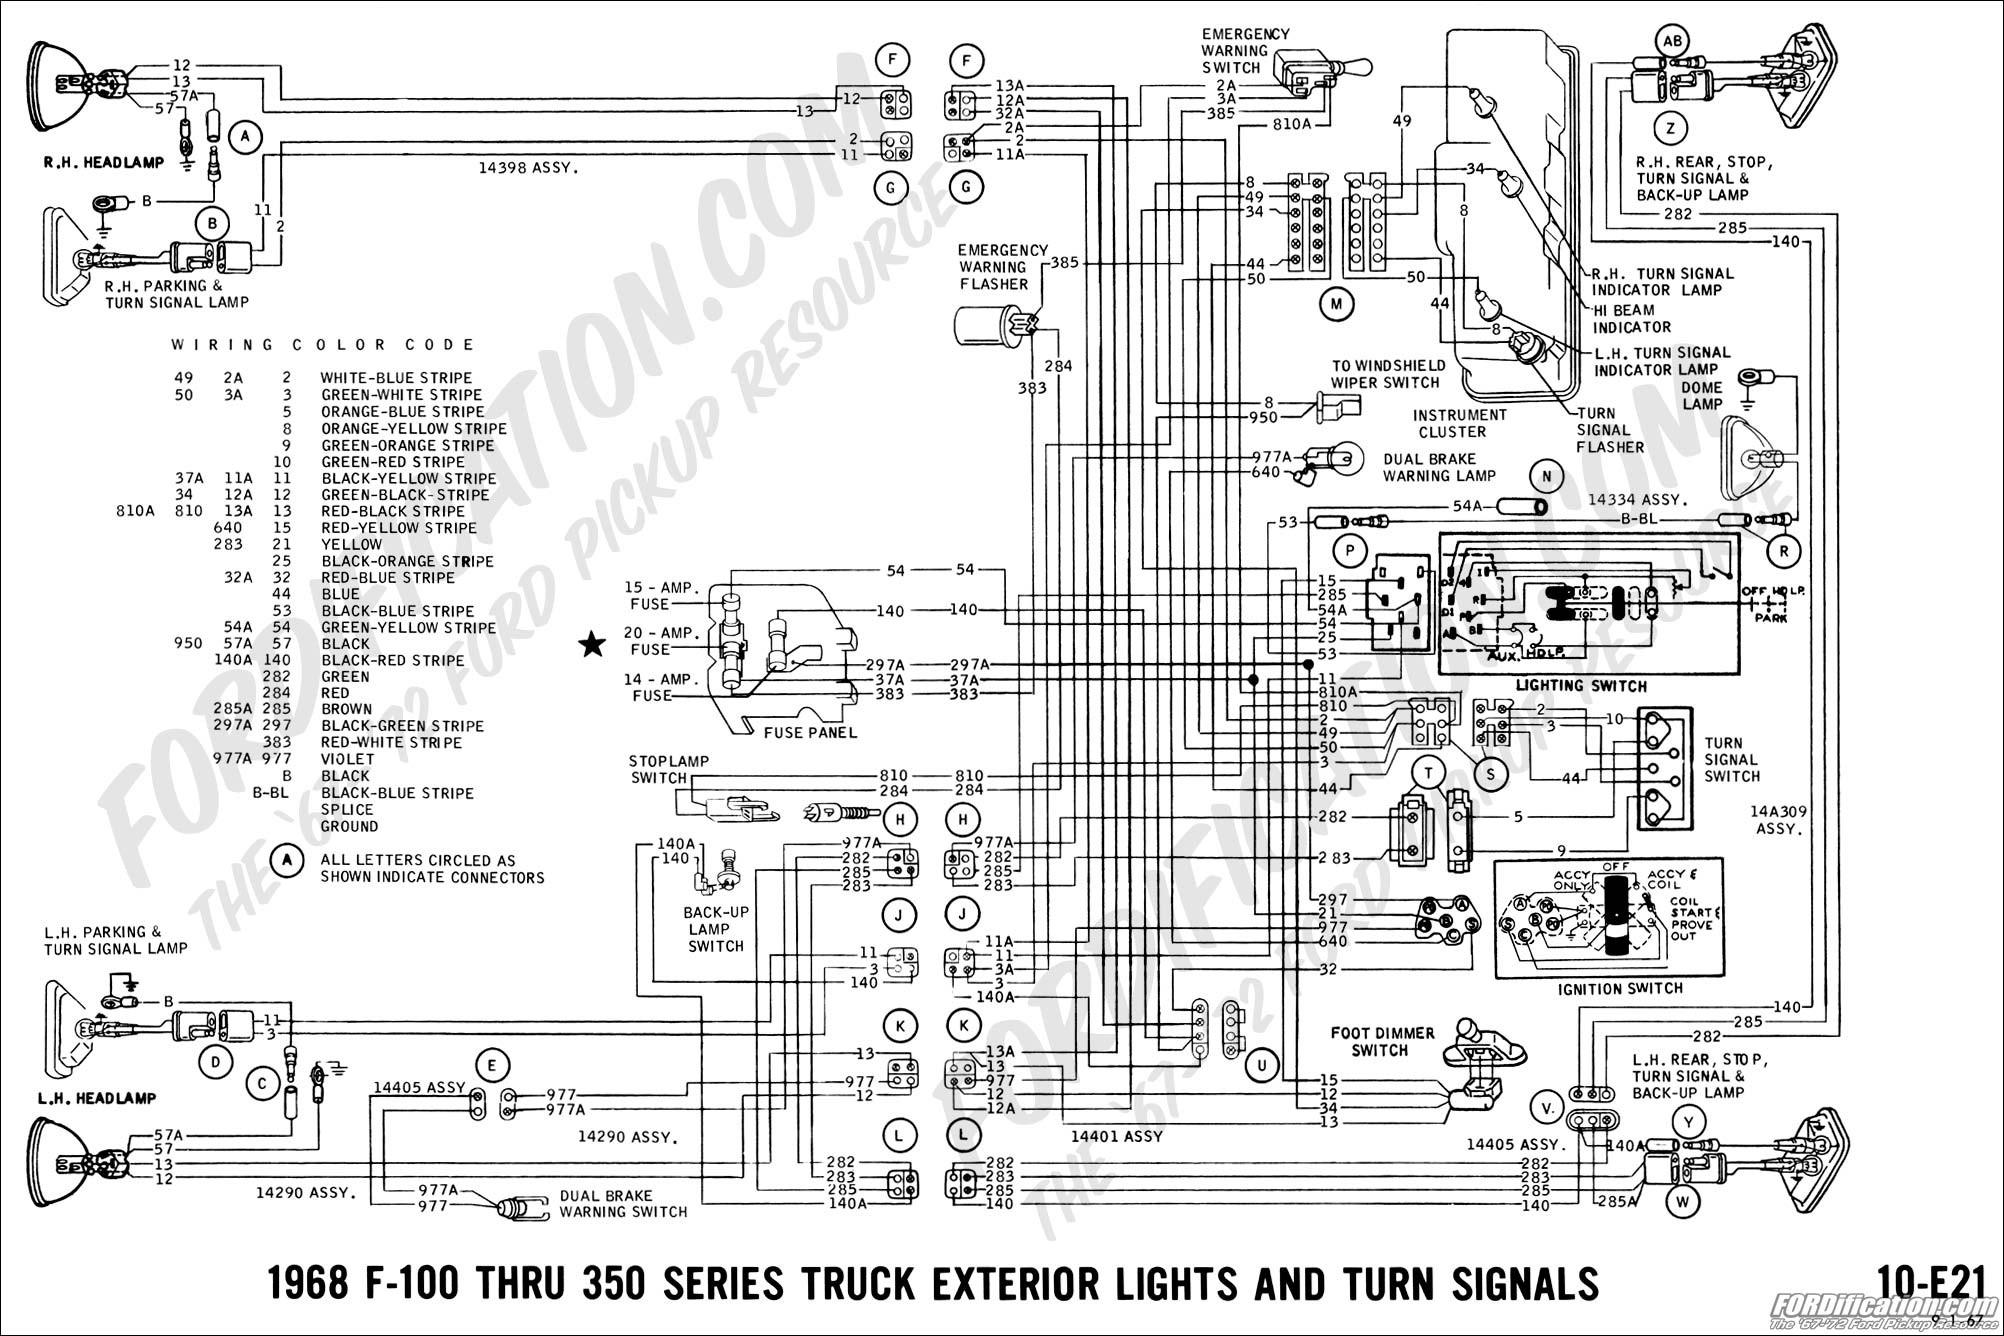 24 Volt Jasco Alternator Wiring Diagram